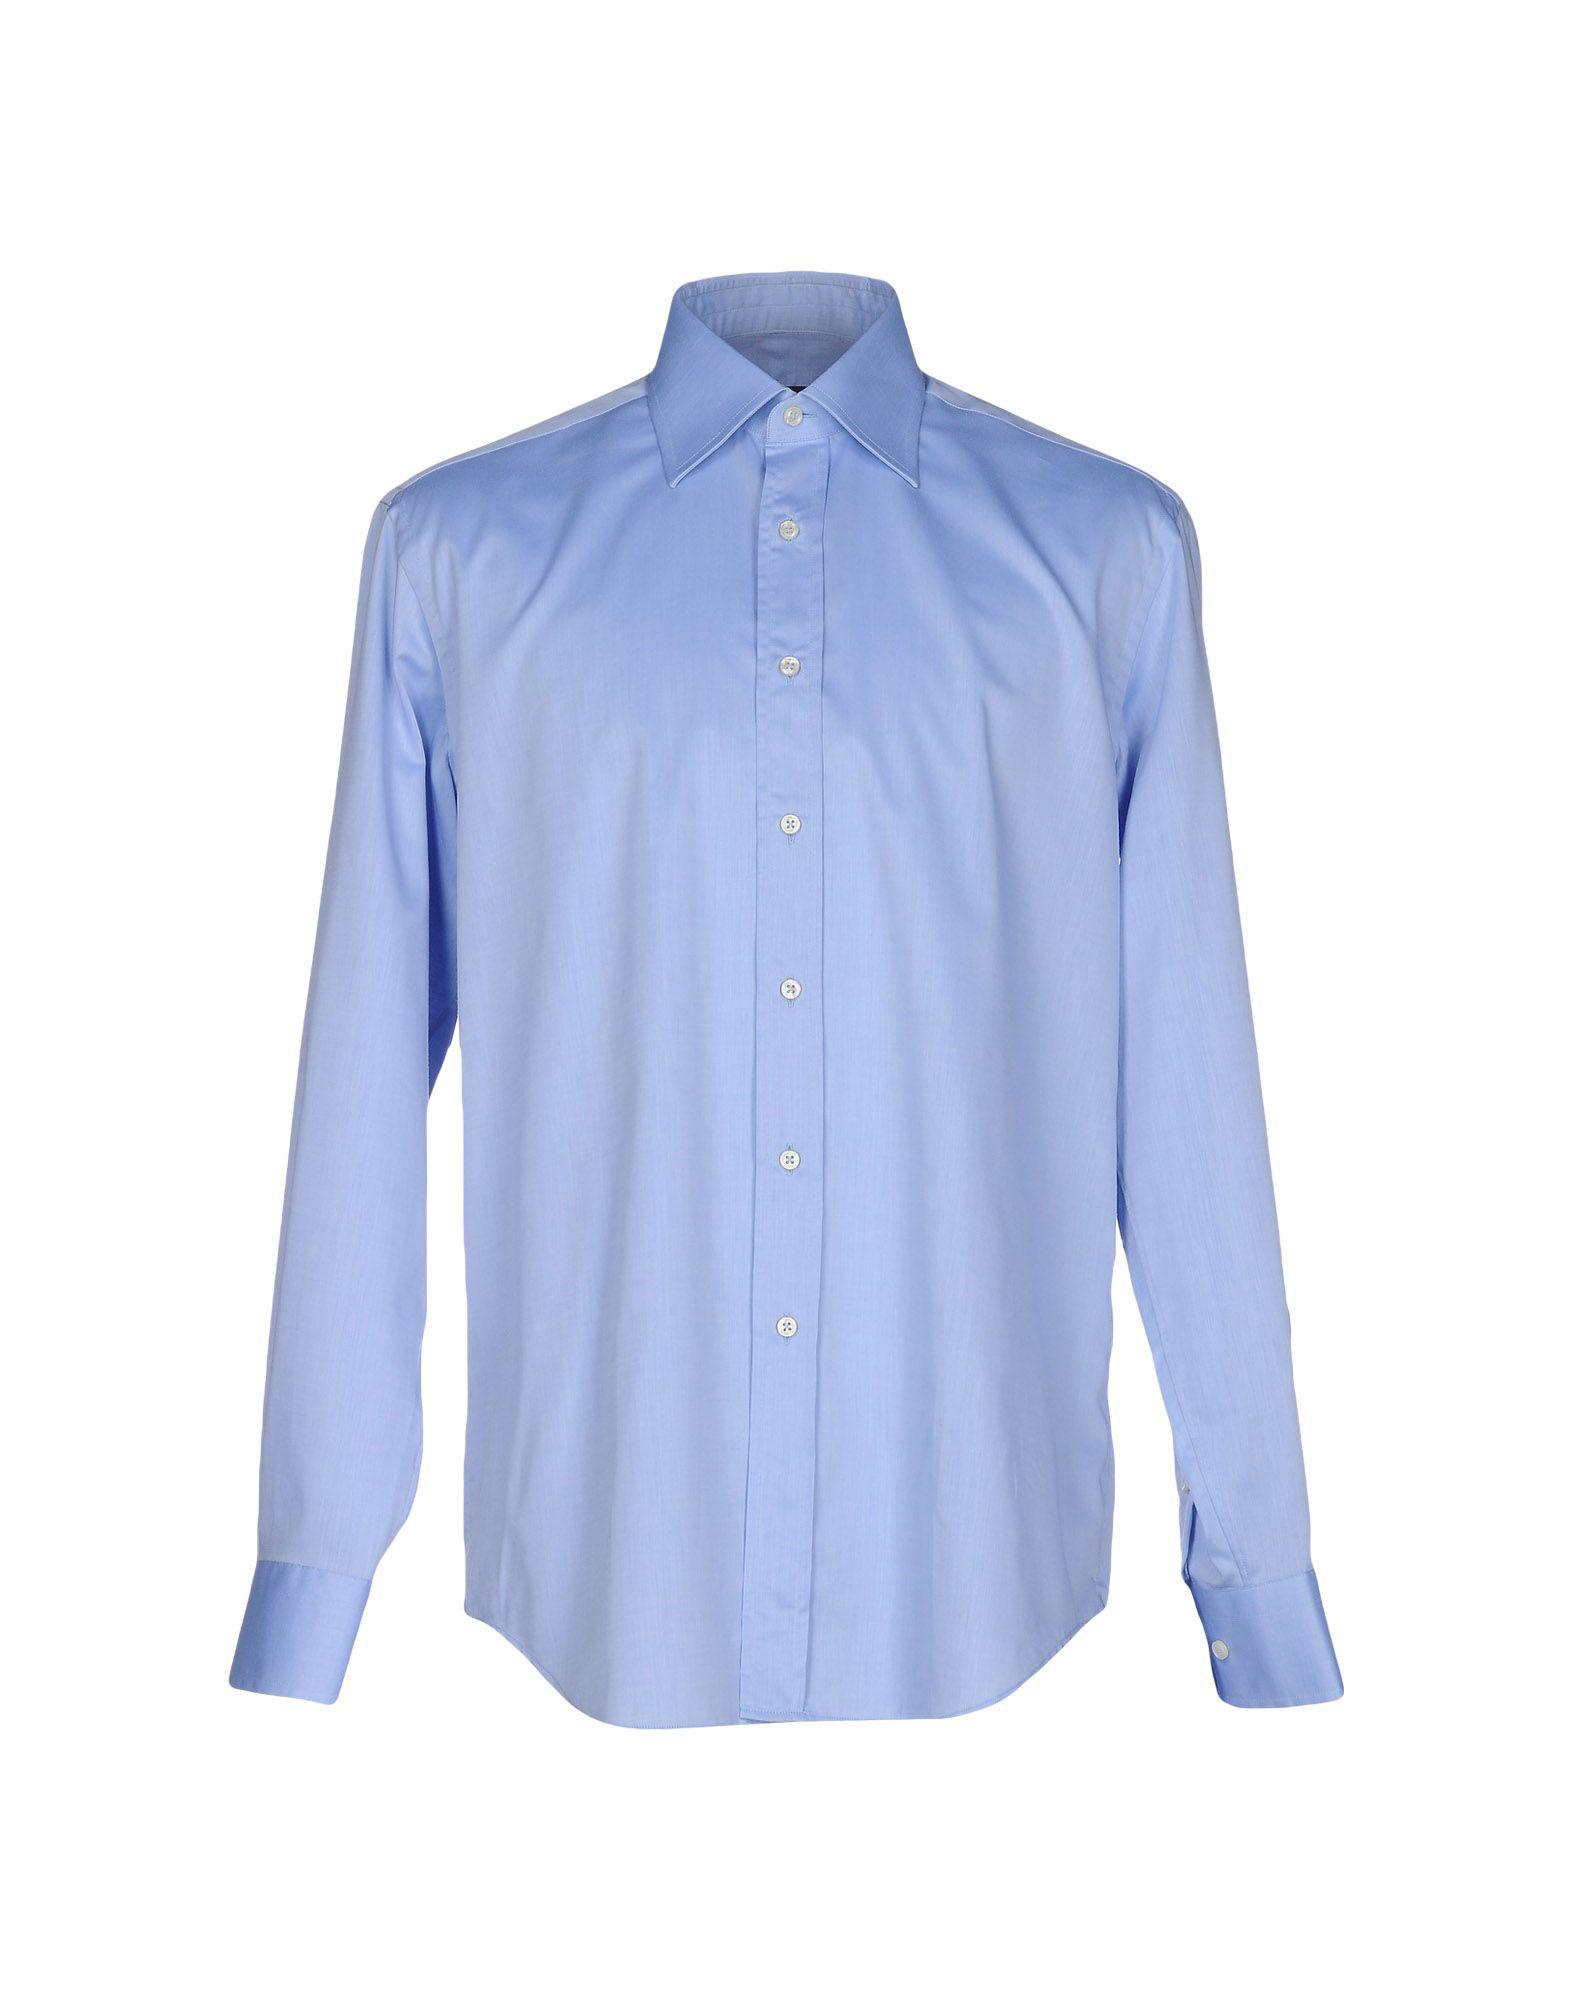 《セール開催中》PAUL CLEMENTI メンズ シャツ アジュールブルー 39 コットン 100%